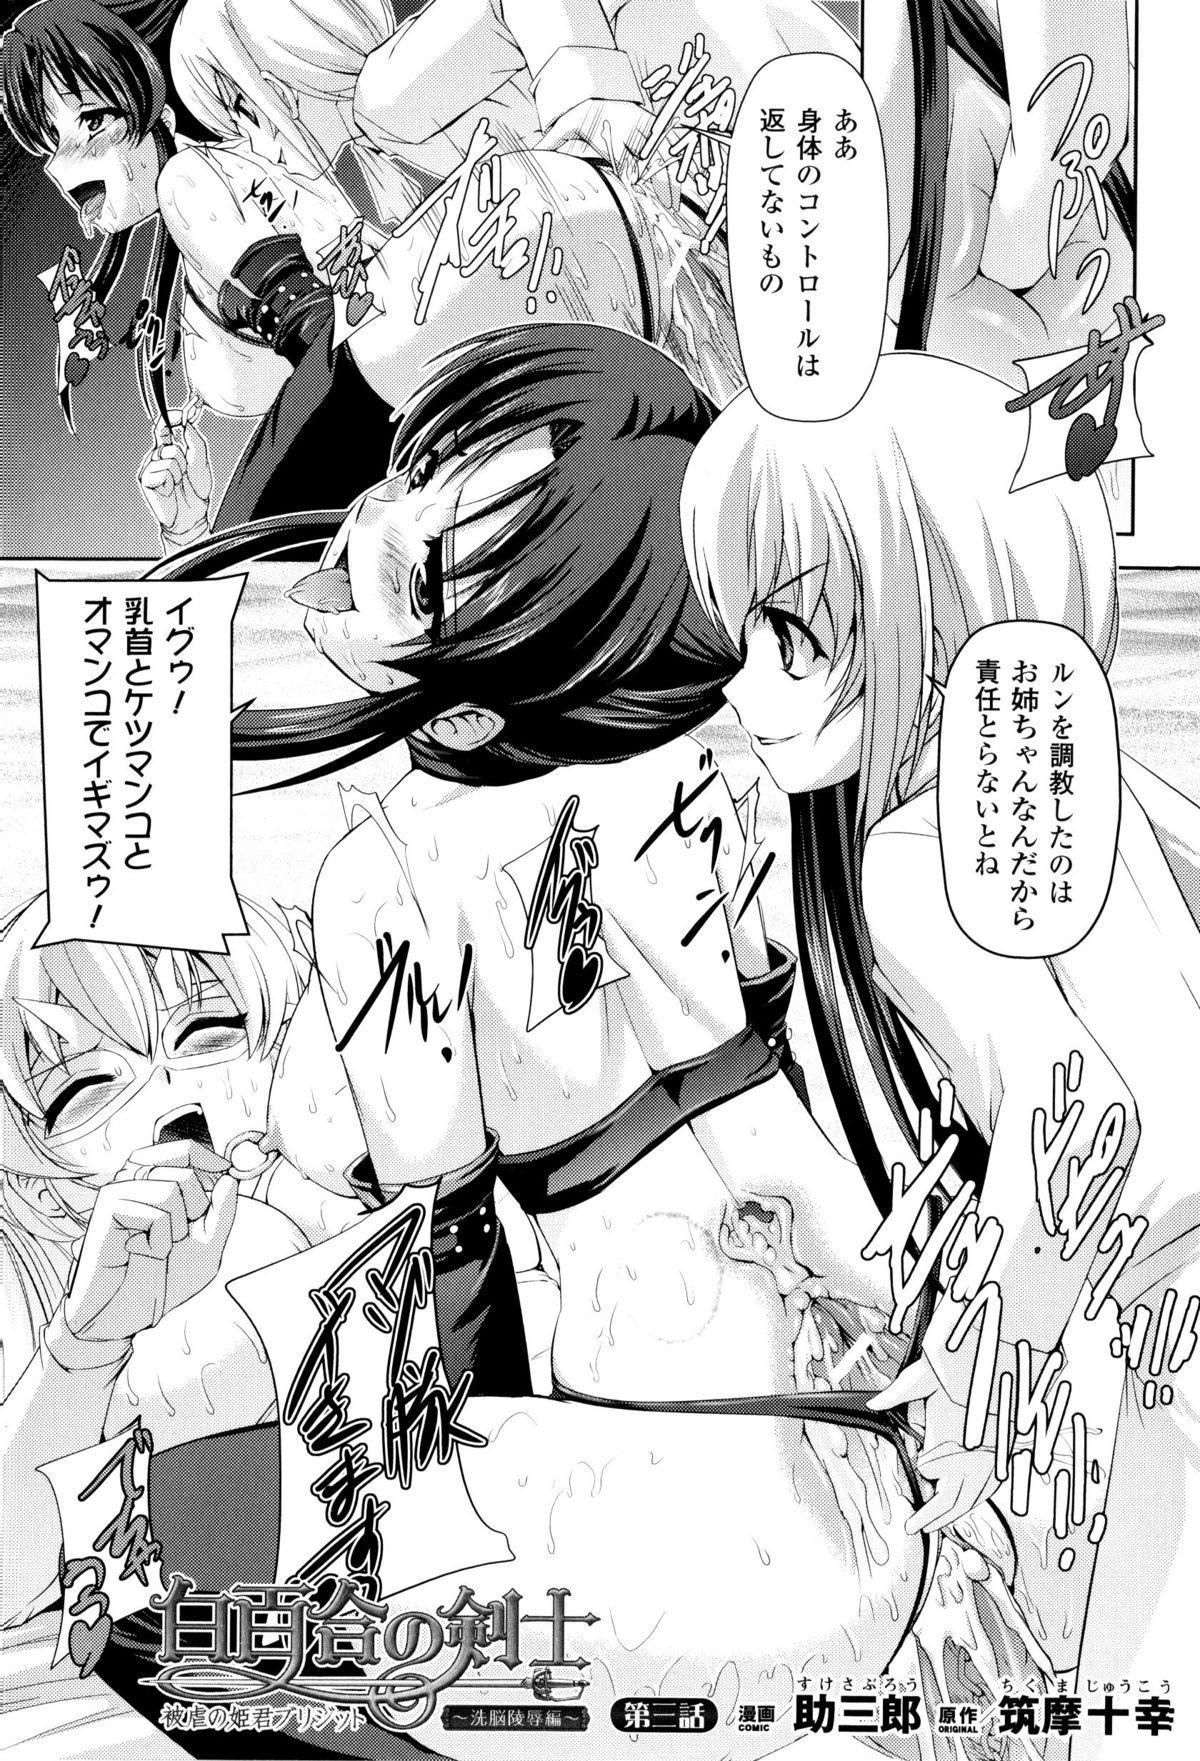 Toushin Engi Vol. 8 32